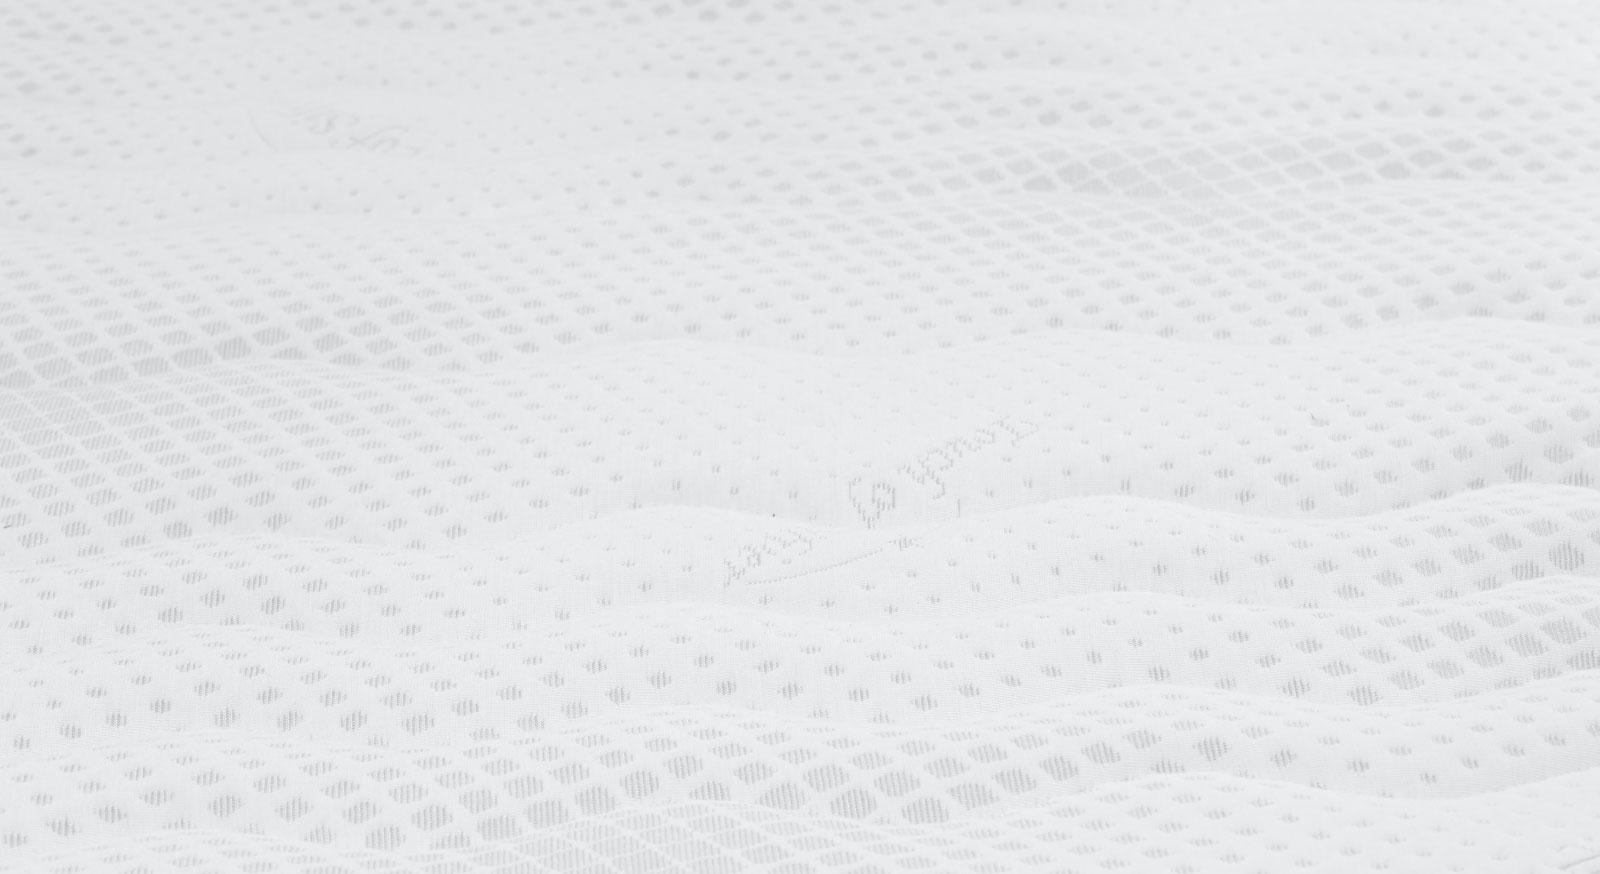 Kaltschaummatratze YouSleep mit Doppeltuchbezug inklusive Silverguard-Ausrüstung